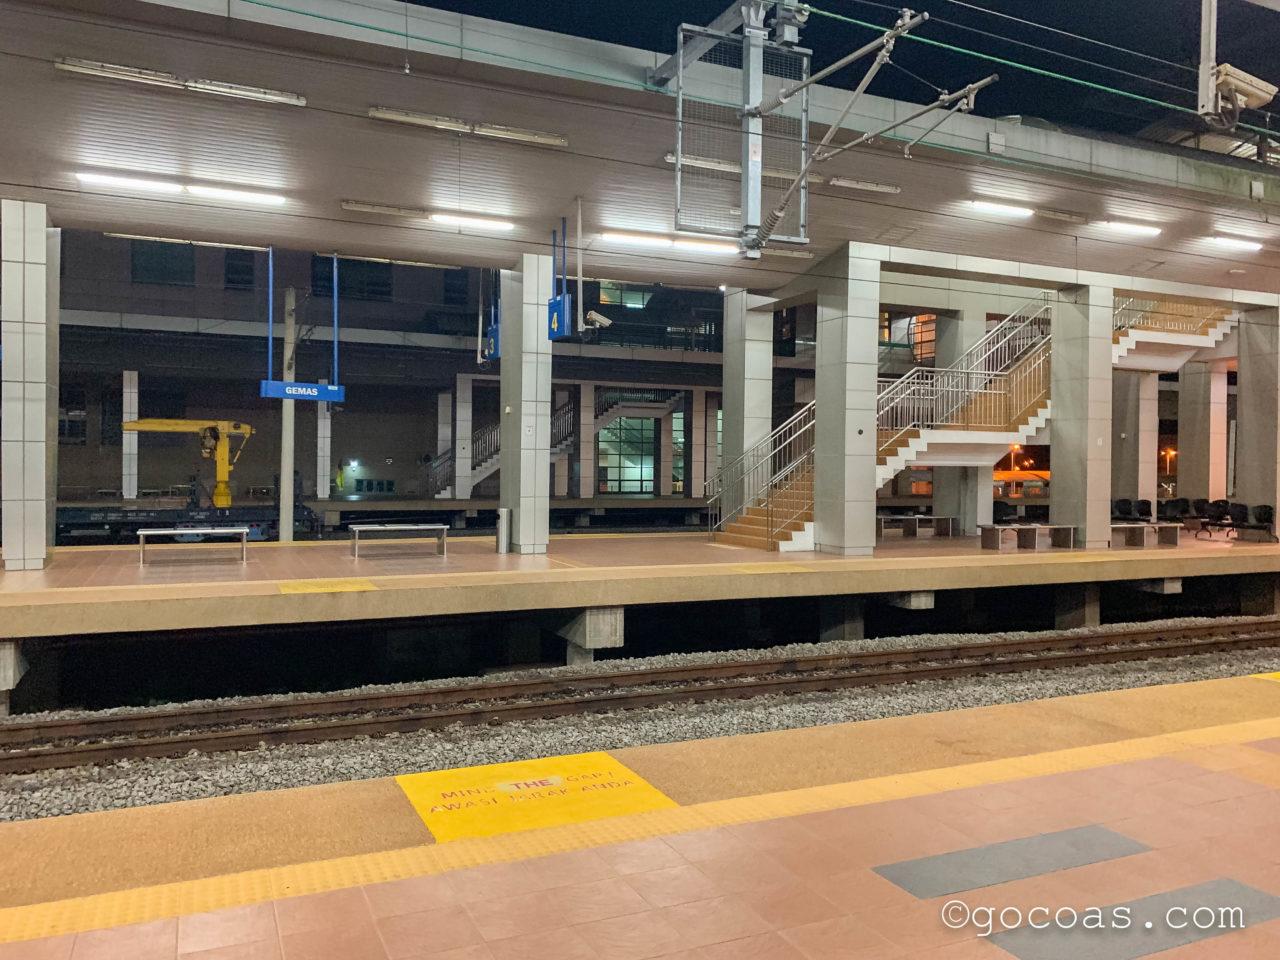 マレー鉄道のGEMAS駅のホーム